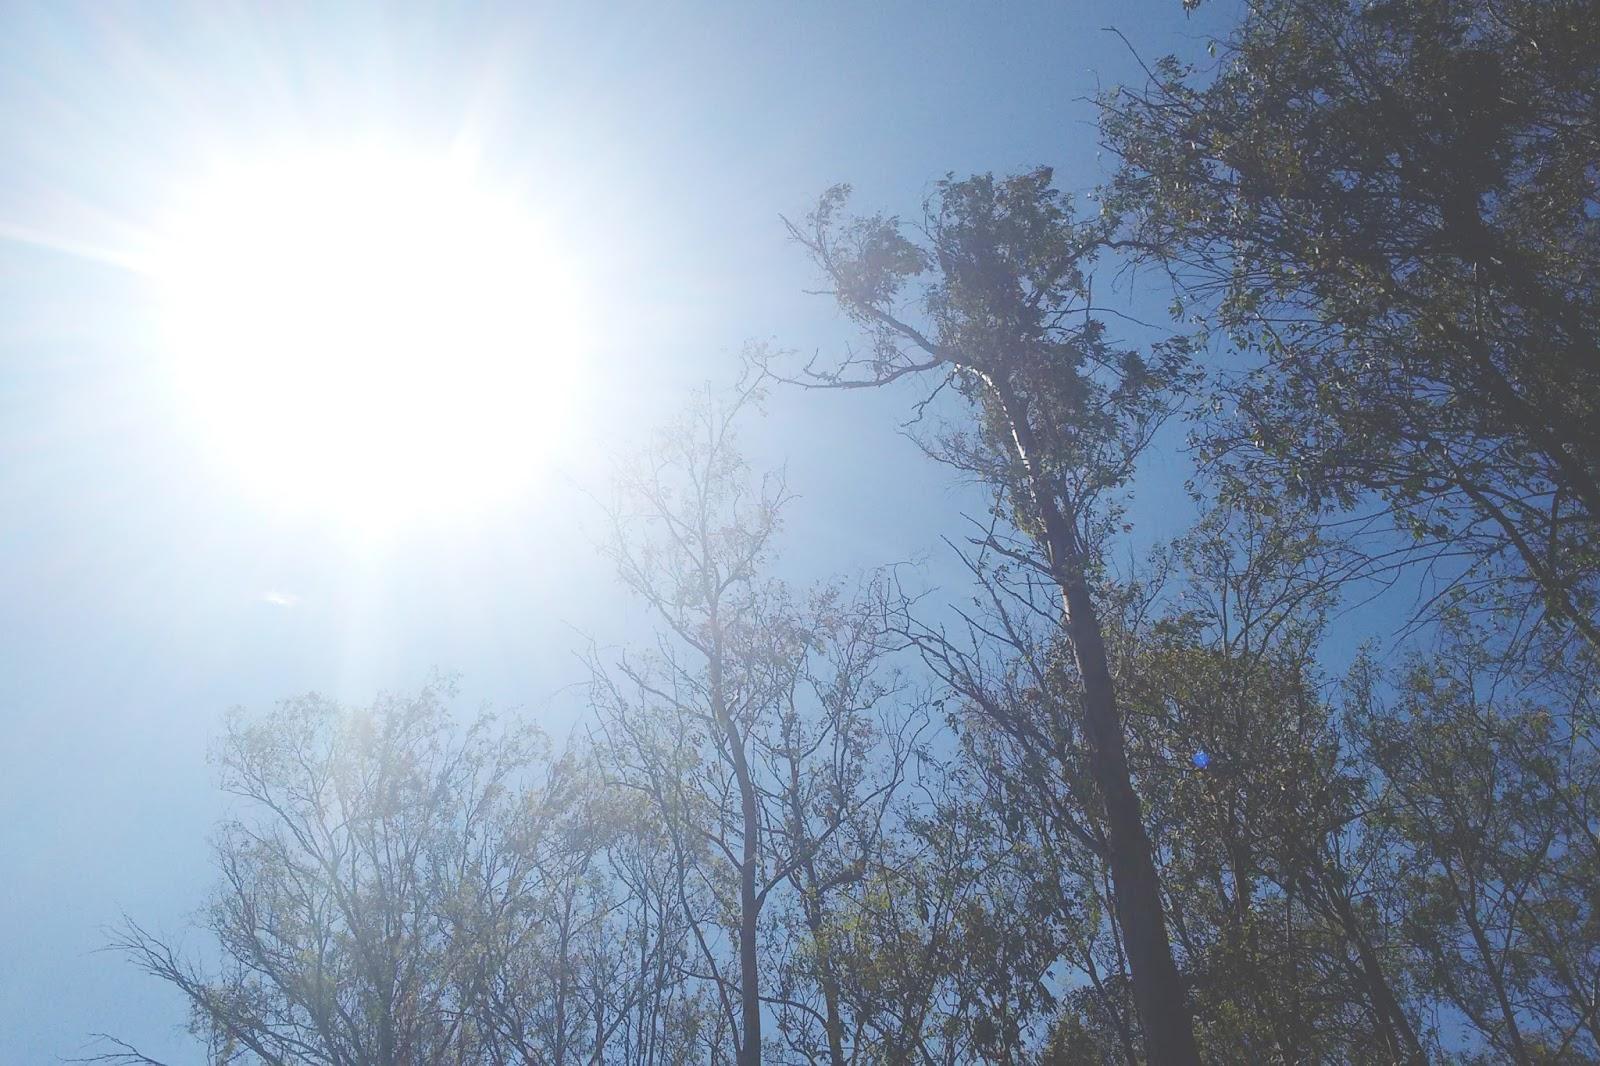 sol queimando árvores verão